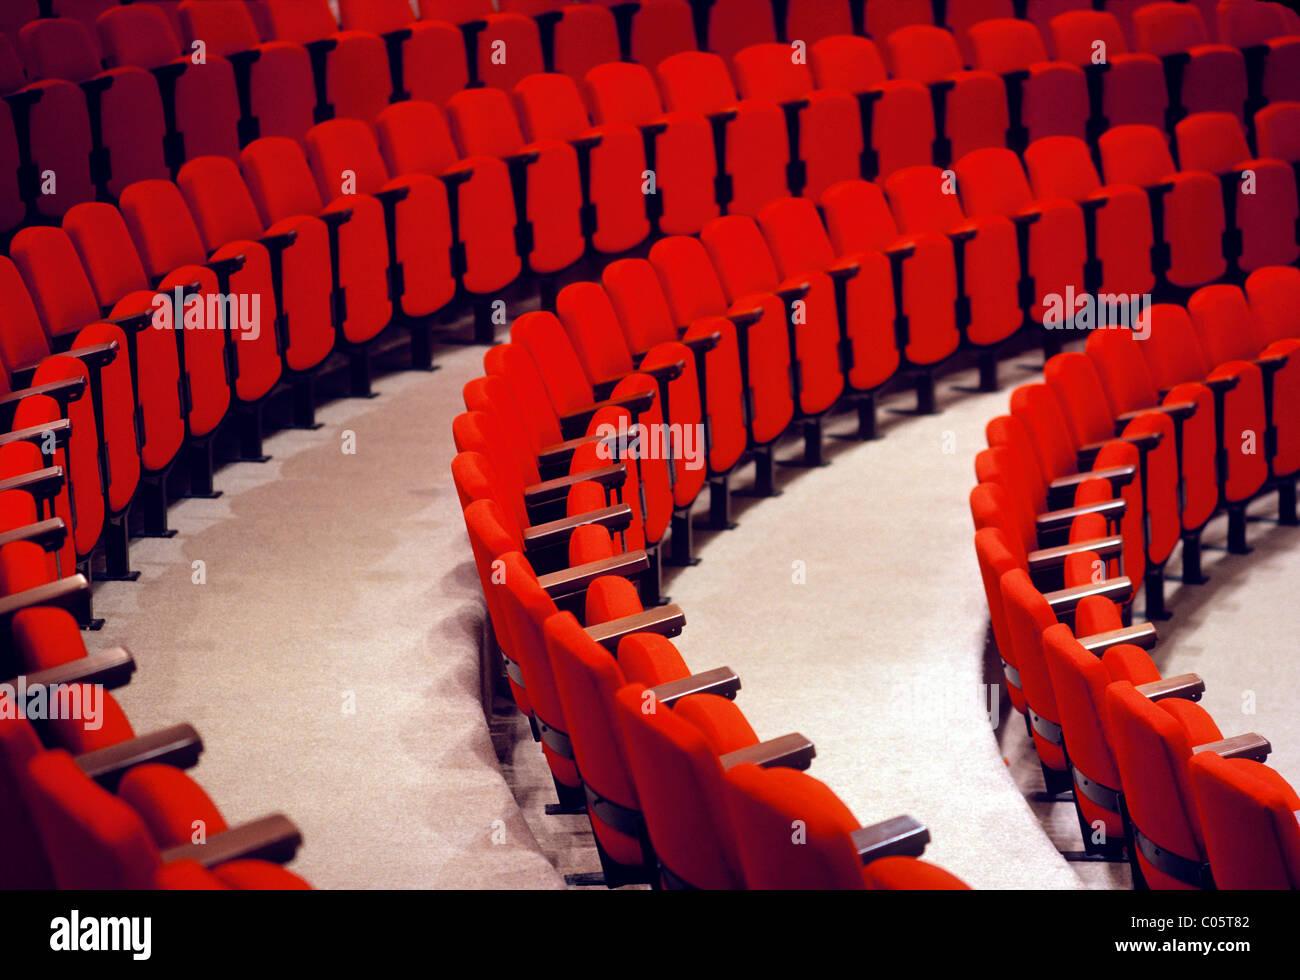 Geschwungenen Sitzreihen rot in einem Hörsaal. Stockbild